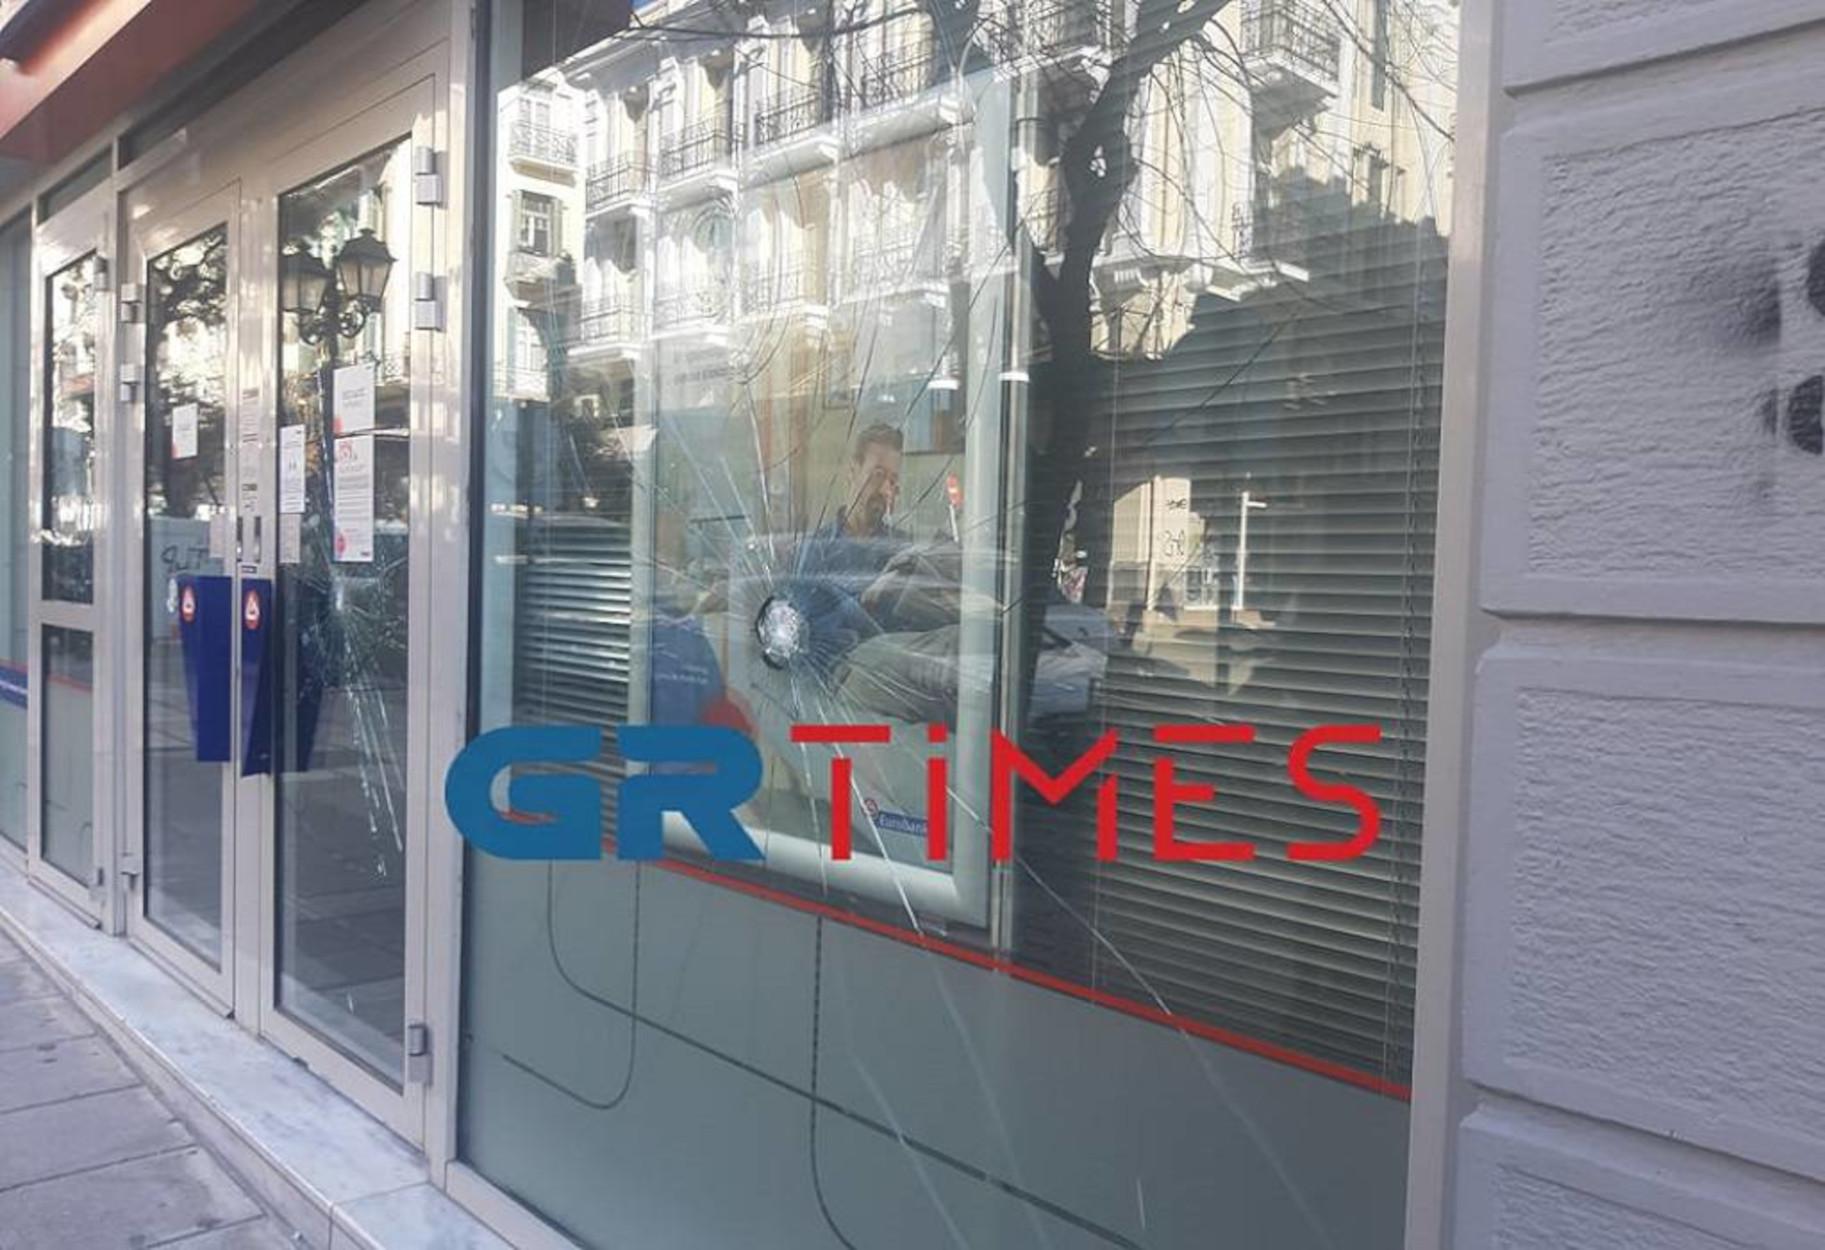 Θεσσαλονίκη: Επίθεση αντιεξουσιαστών σε κατάστημα της Eurobank (pics, video)